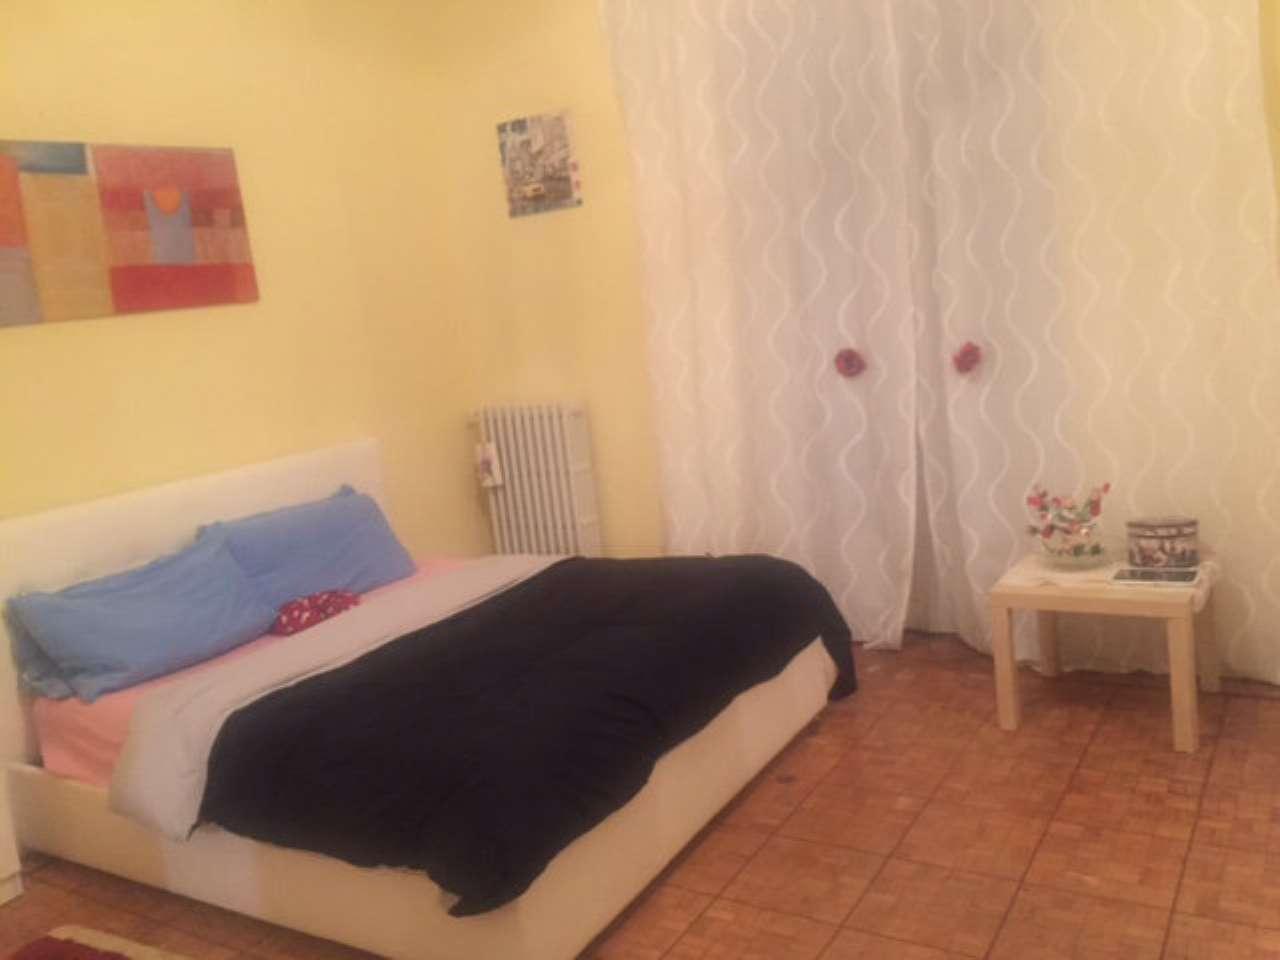 Disegno Idea appartamento 2 camere da letto torino massima qualità foto : Appartamento in vendita Torino corso Racconigi - Cambiocasa.it